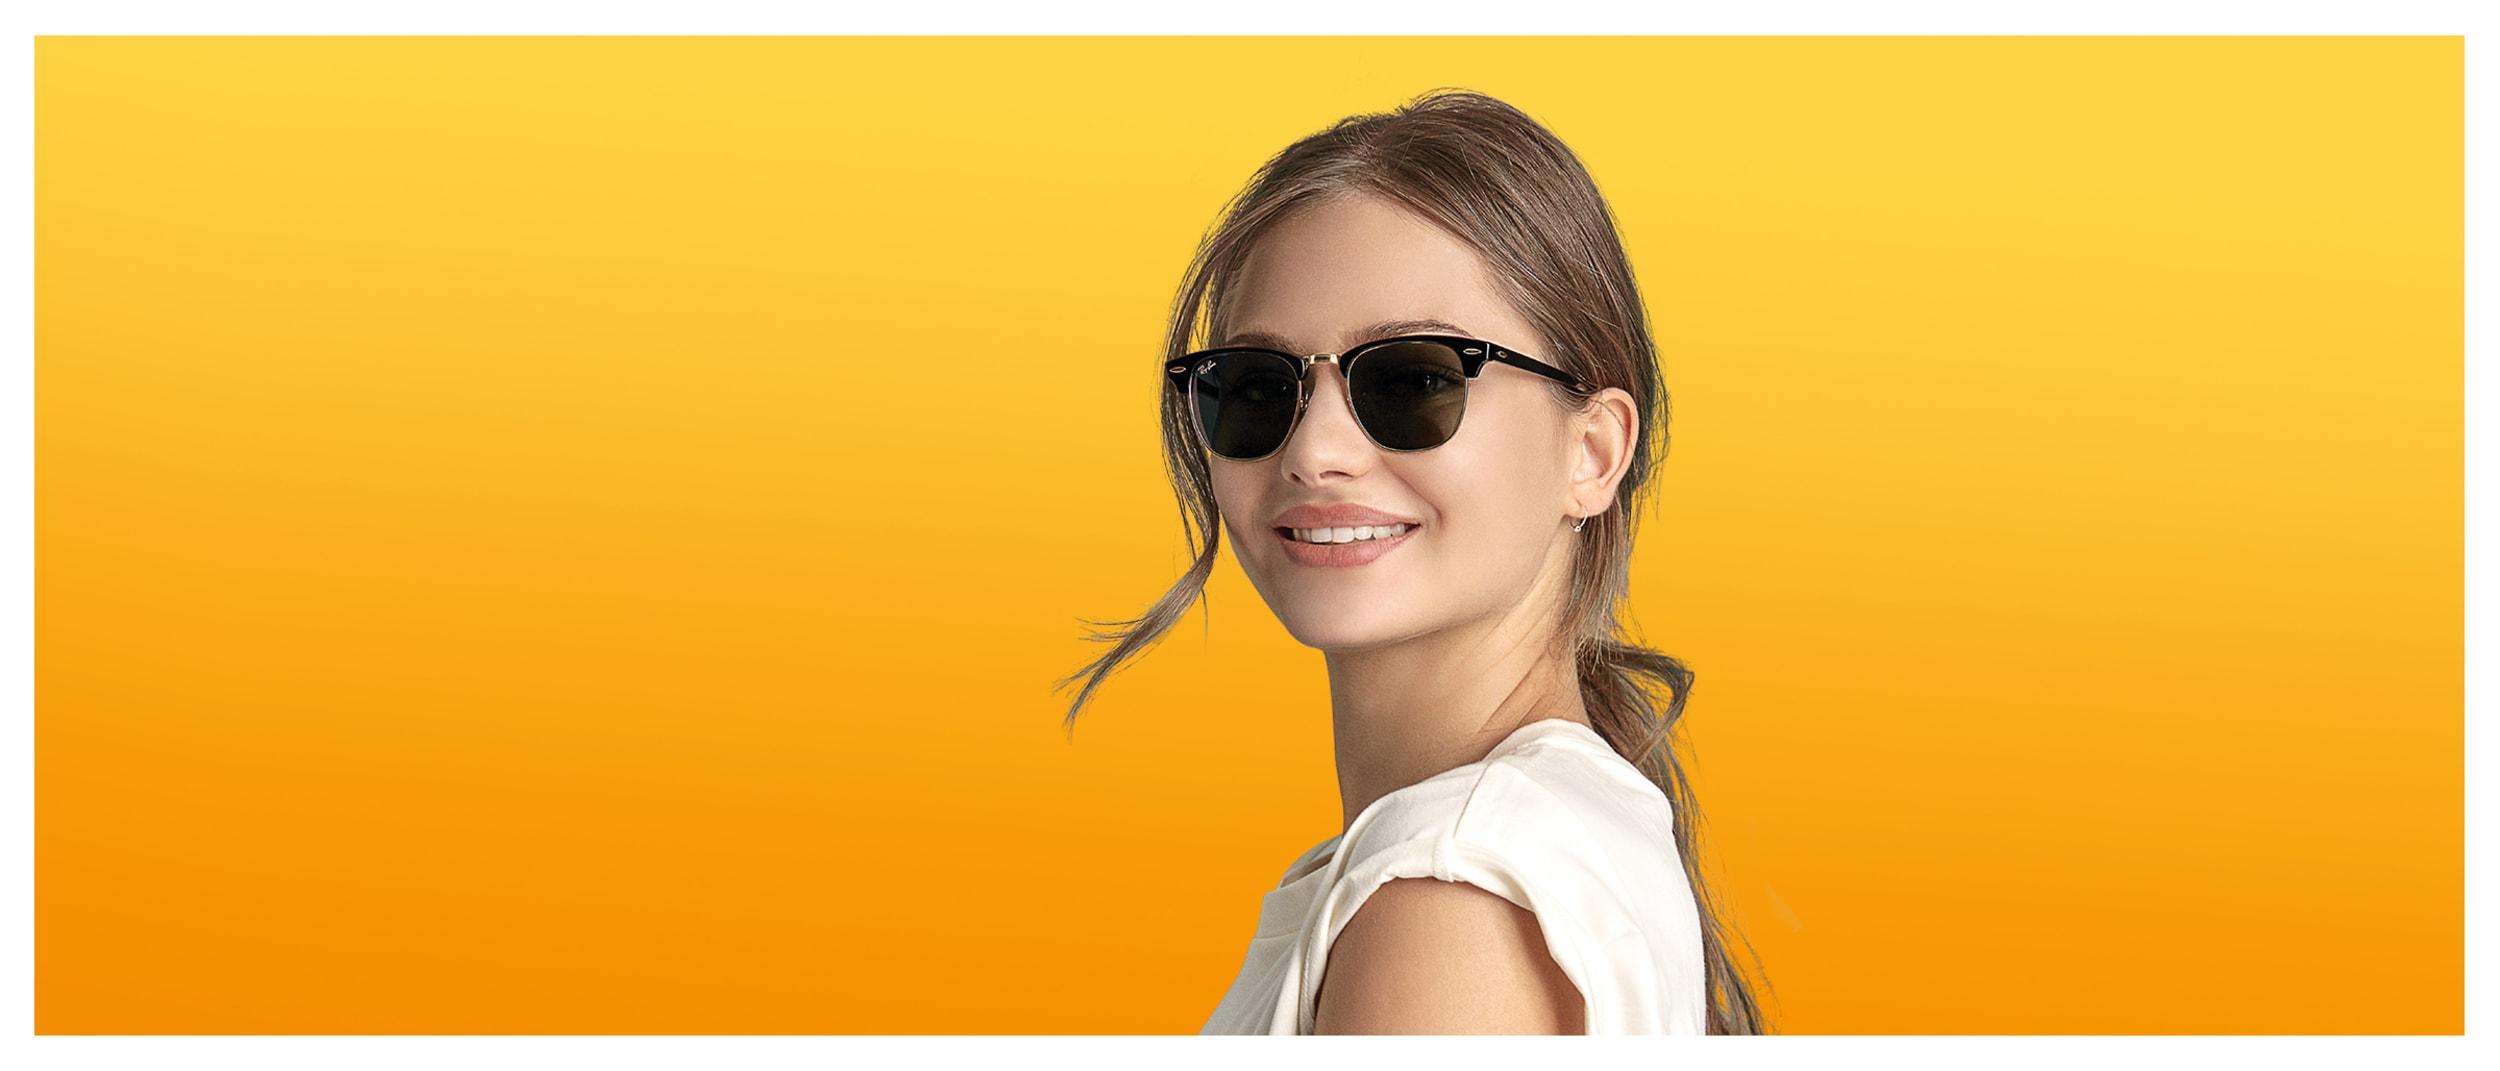 Prescription sunglasses and fashion collide at OPSM